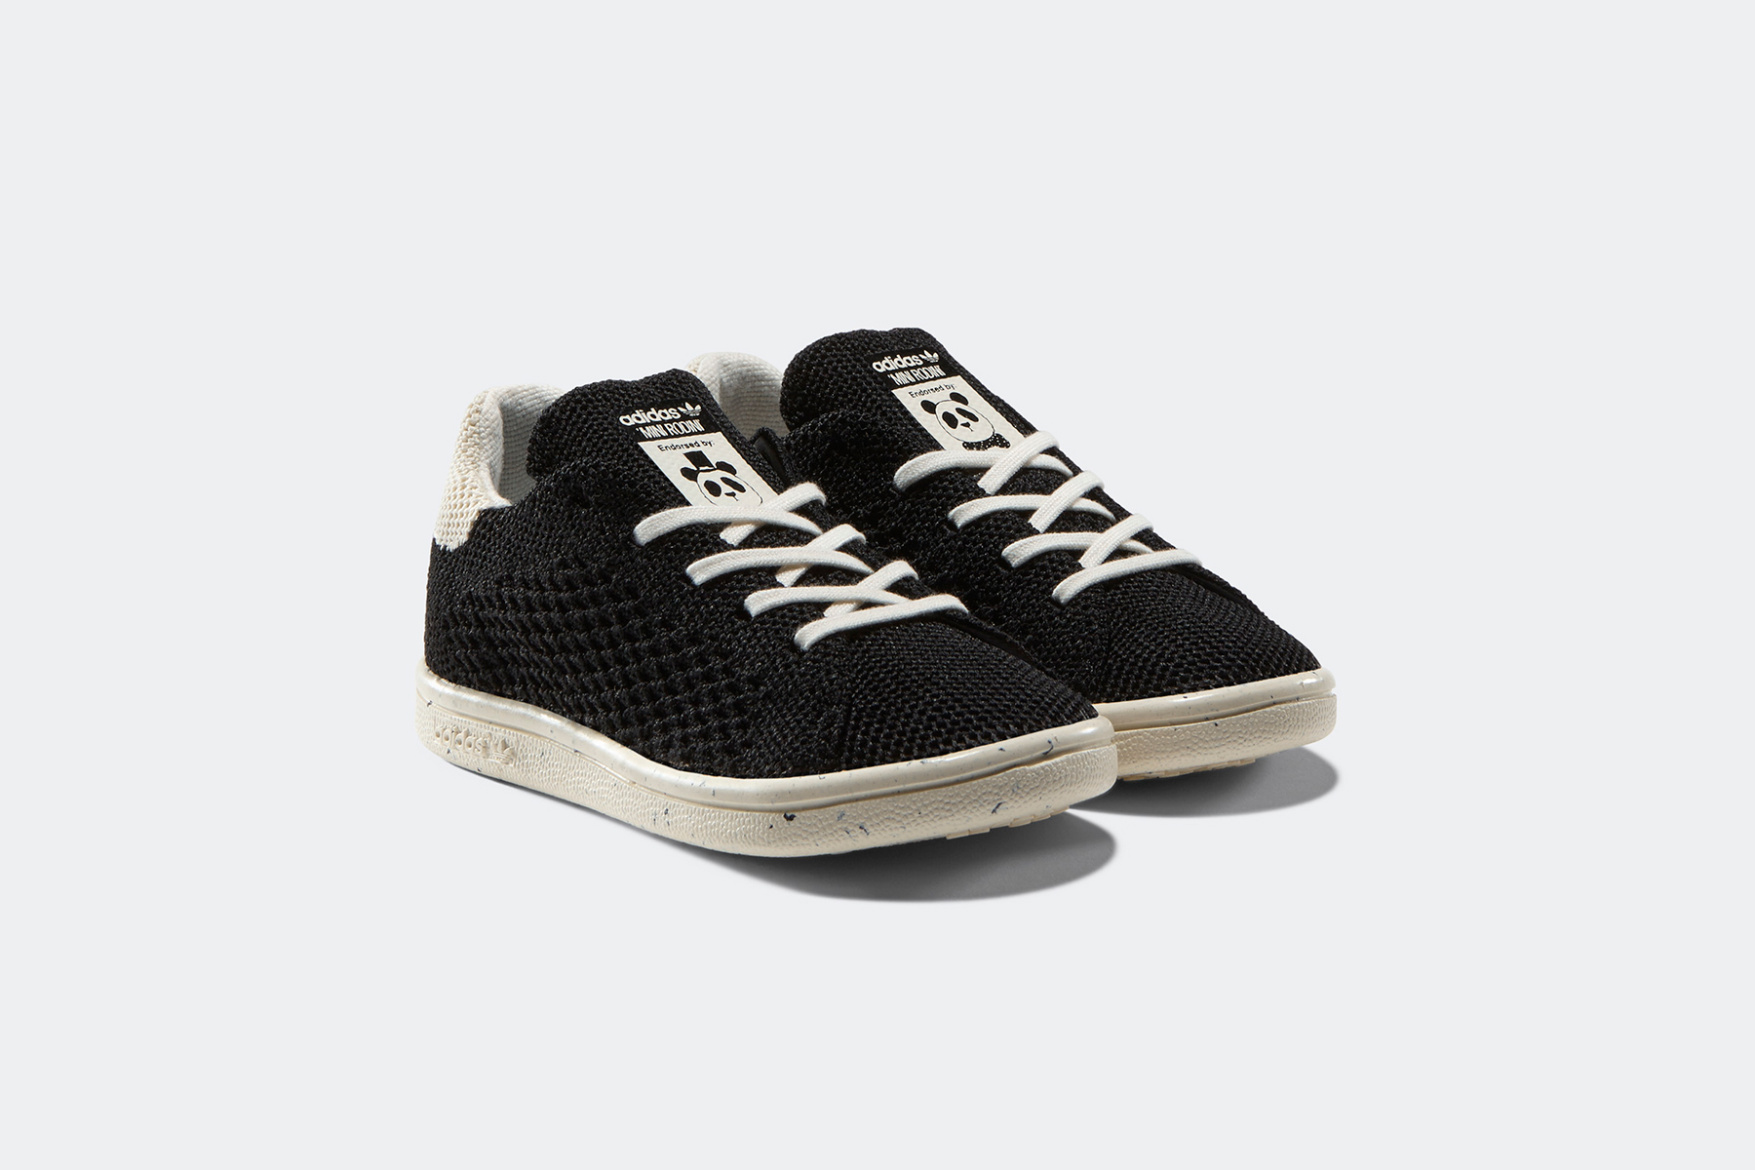 adidas Originals x Mini Rondini - TRENDS periodical